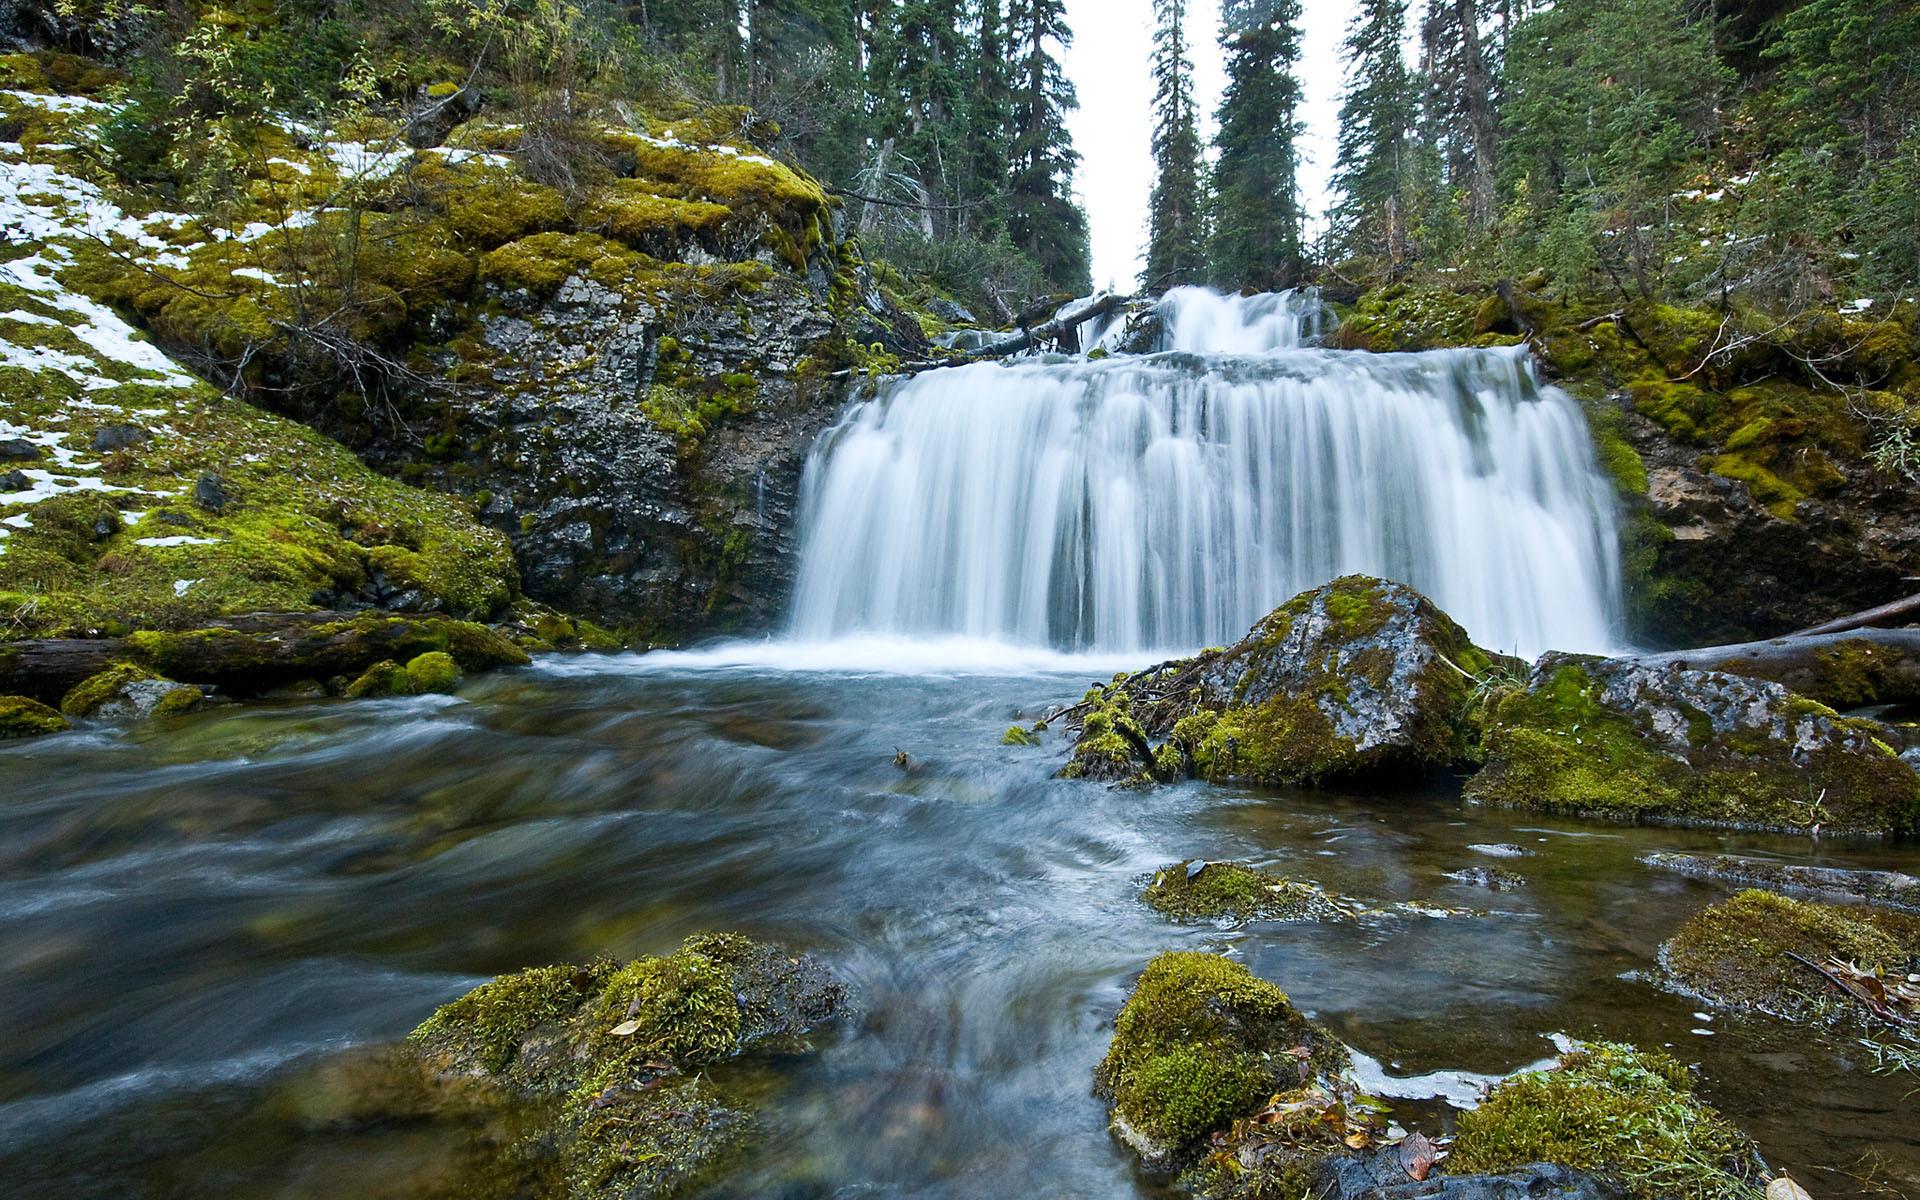 49967 Hintergrundbild herunterladen Wasserfälle, Landschaft, Natur - Bildschirmschoner und Bilder kostenlos